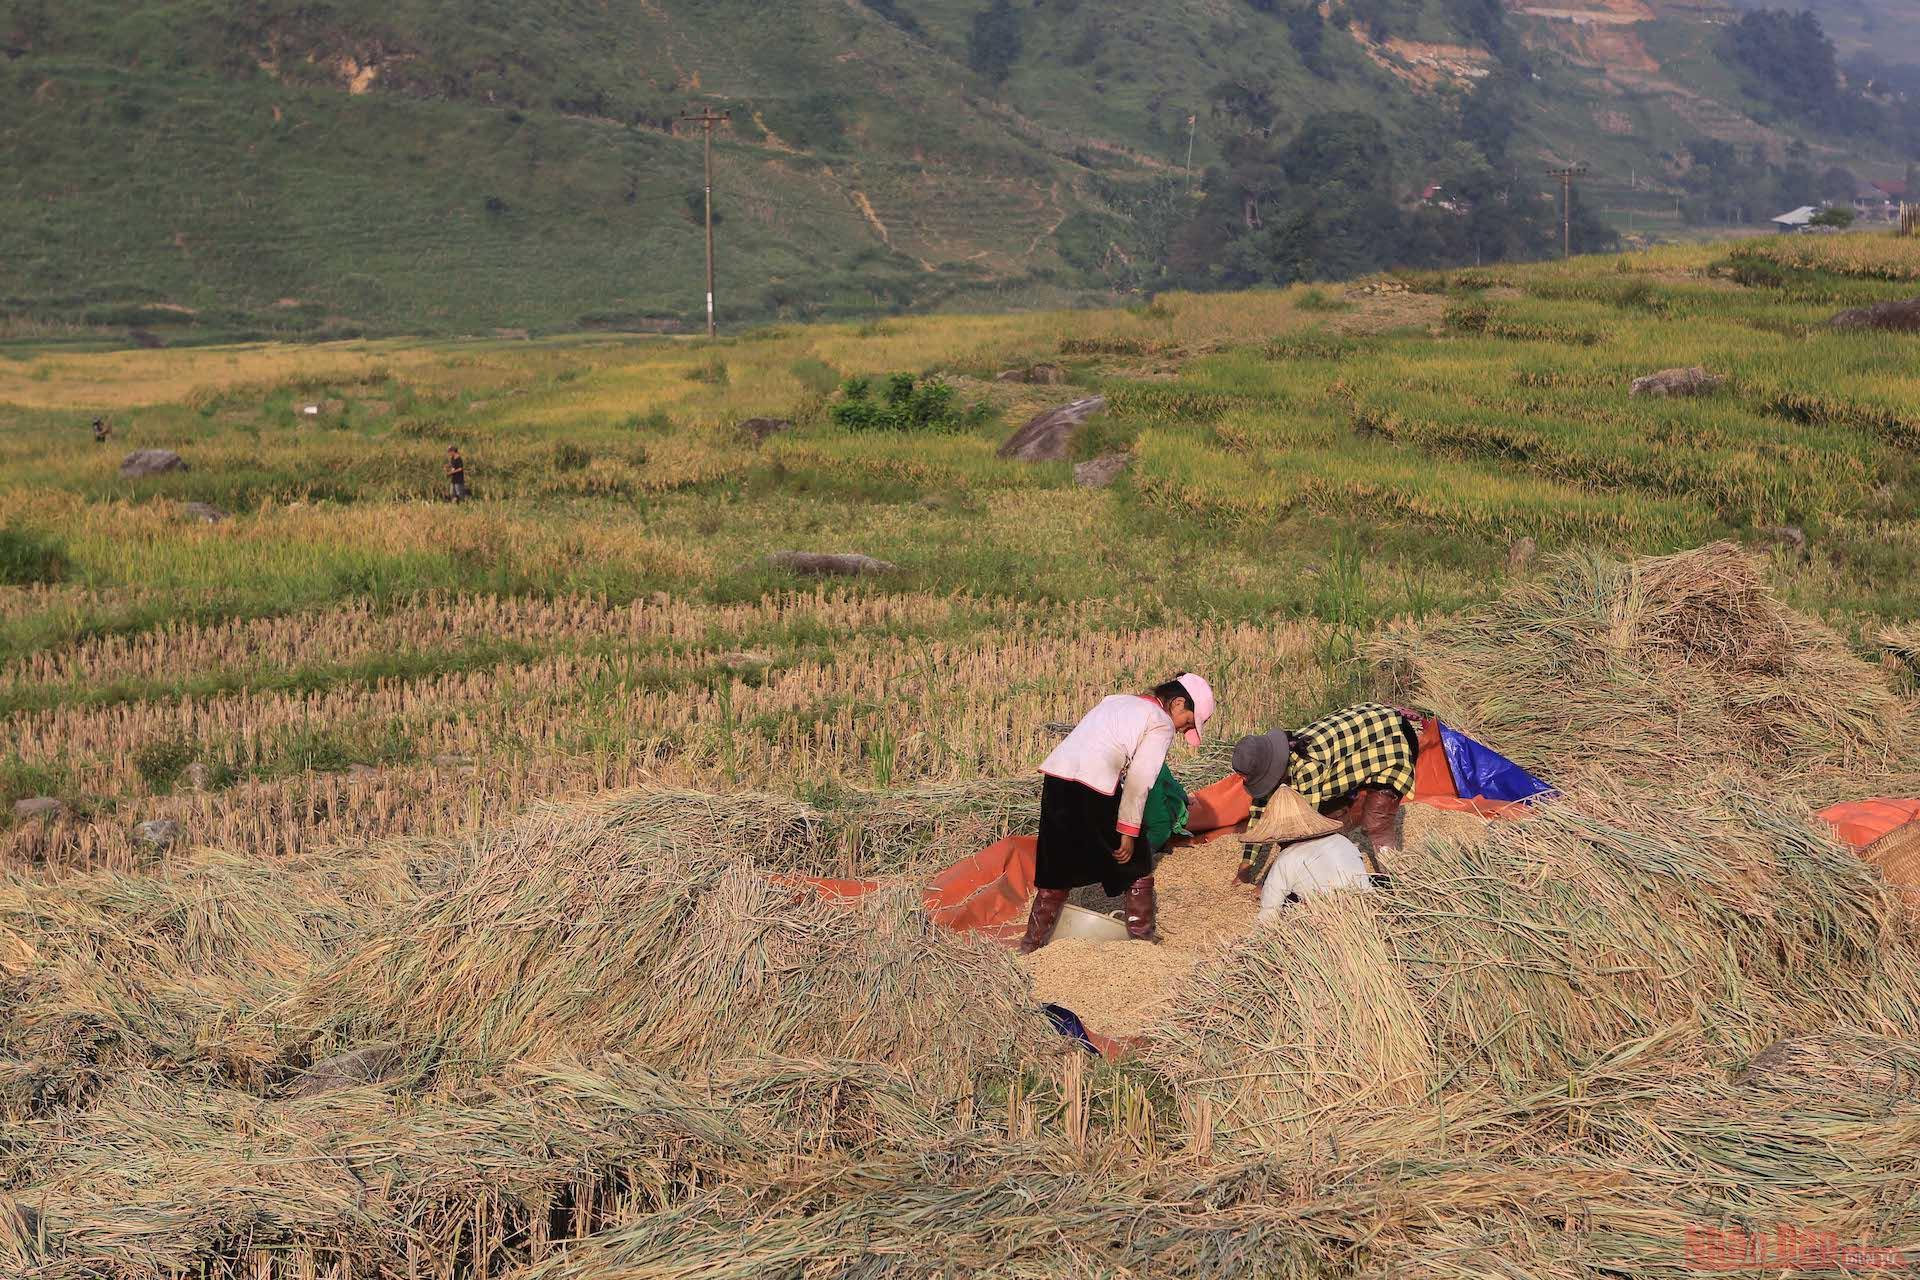 Sau khi đập cho hạt lúa tách khỏi thân, người dân cho lúa vào bao tải và chở về bằng xe máy